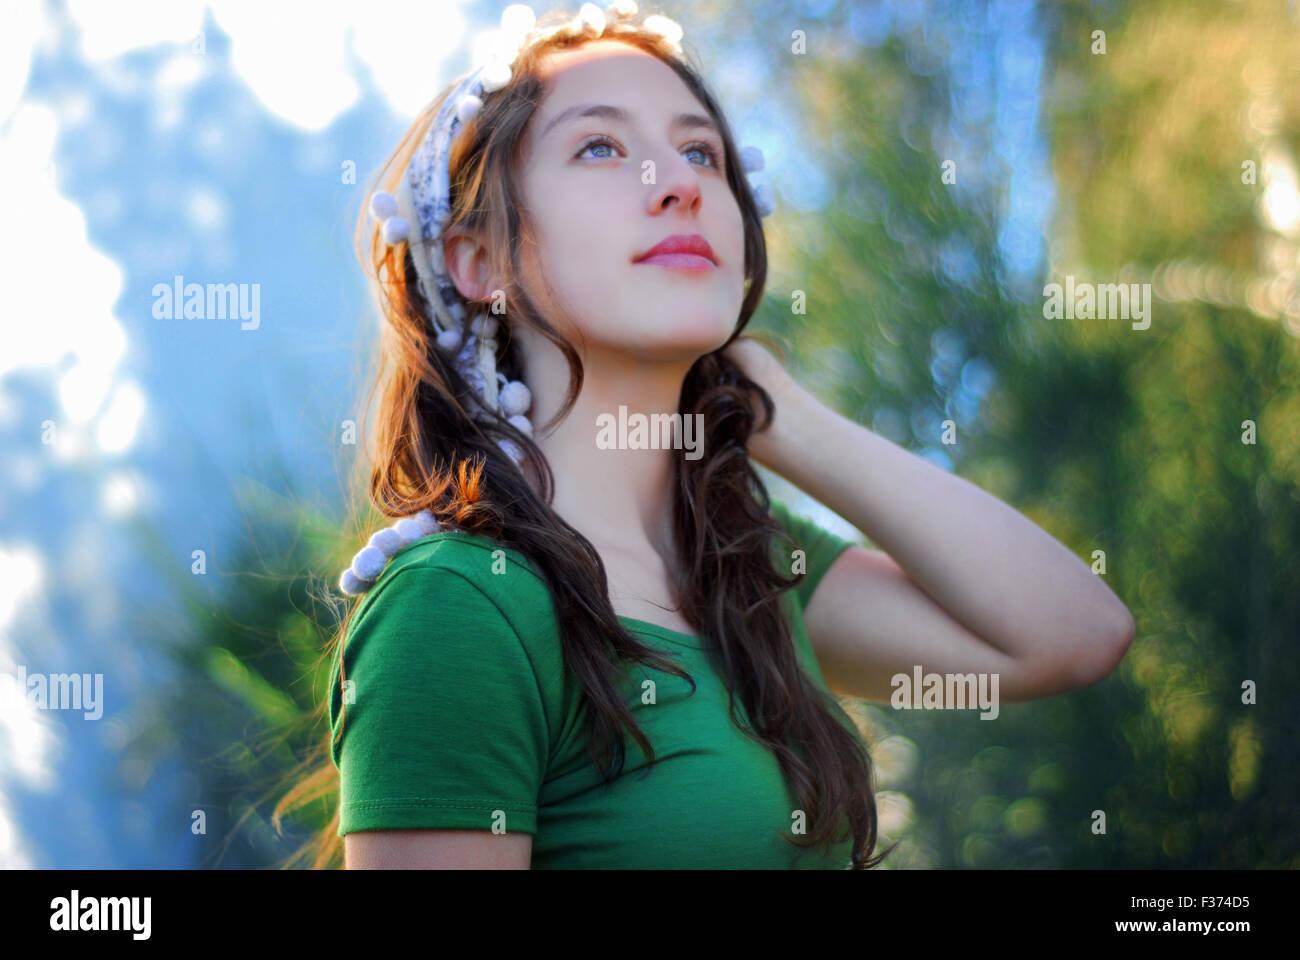 Bellissima ragazza con gli occhi blu guardando il cielo Immagini Stock